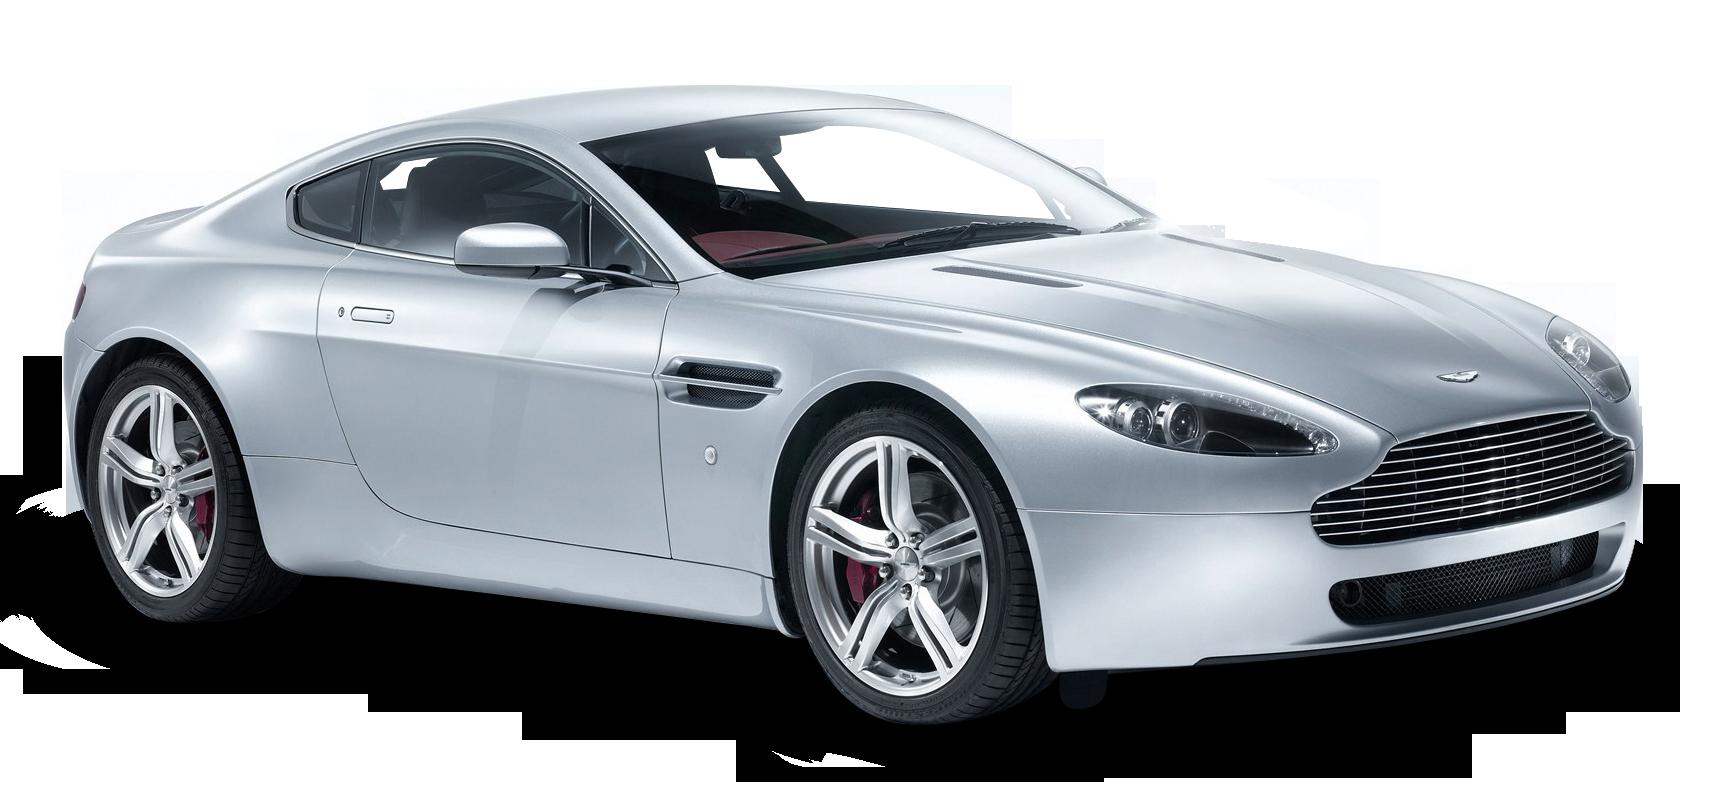 Aston Martin V8 Vantage White Car